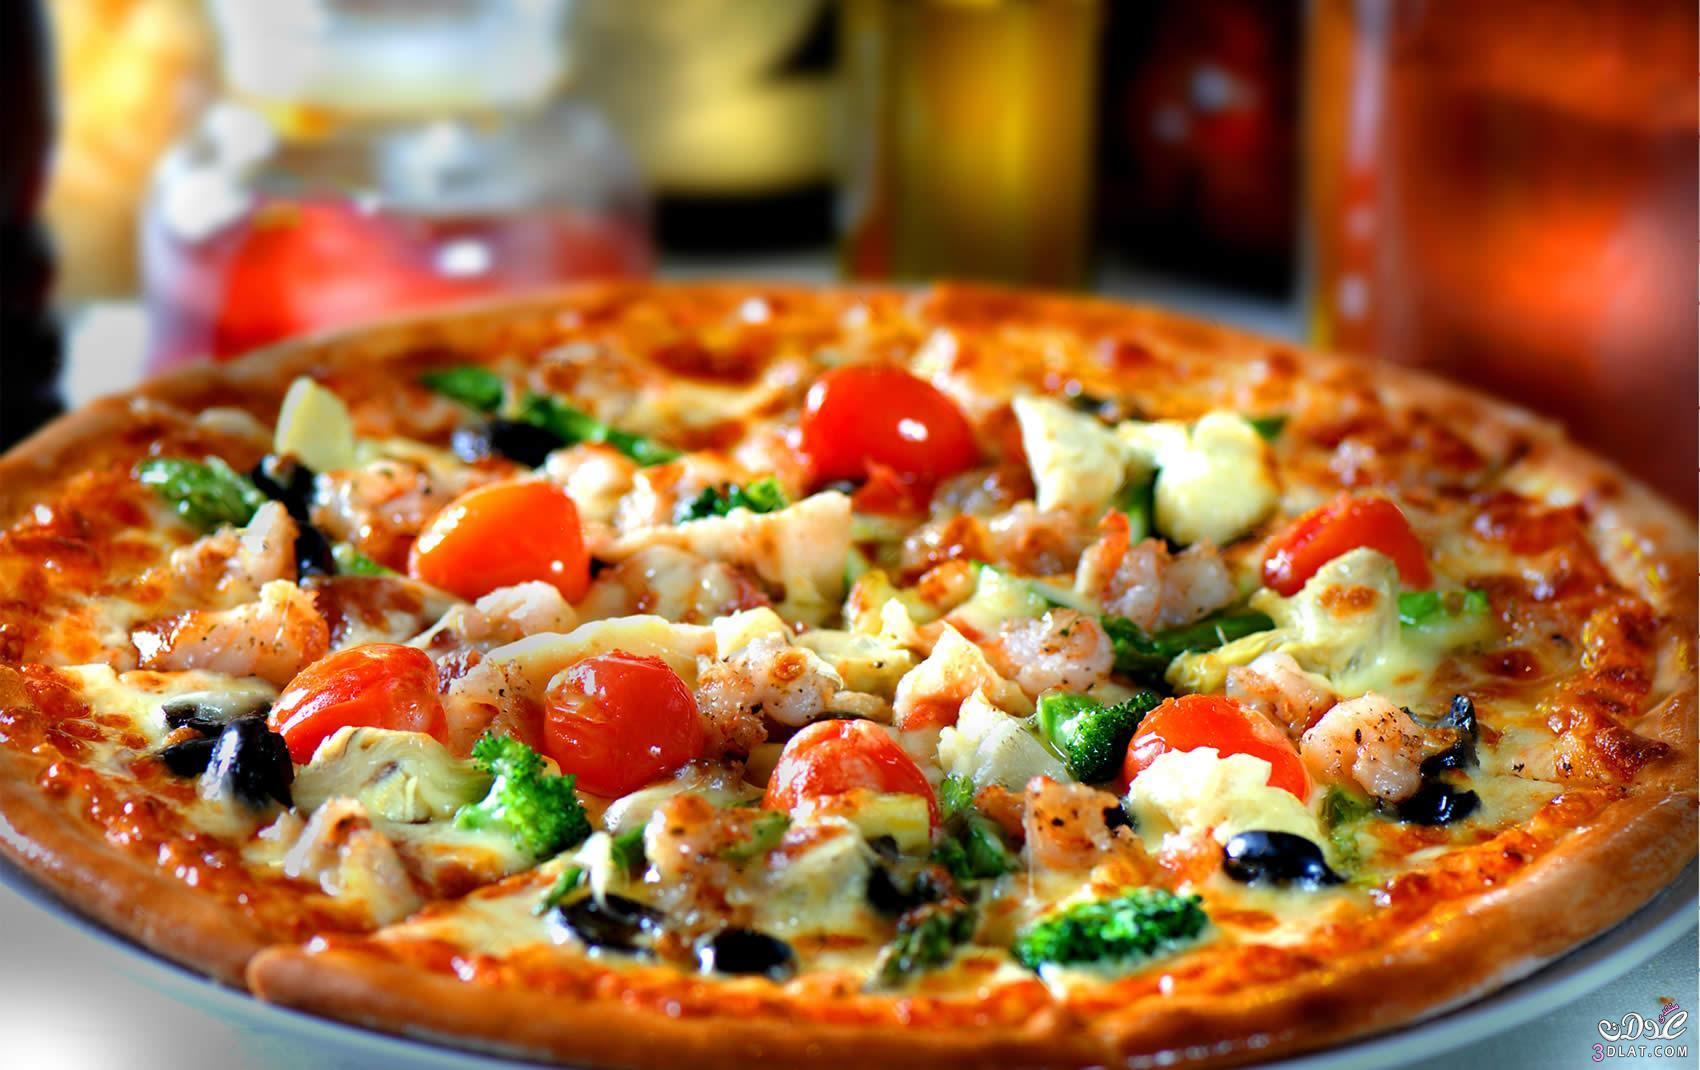 بالصور صور بيتزا , اجمل انواع البيتزات 3221 2